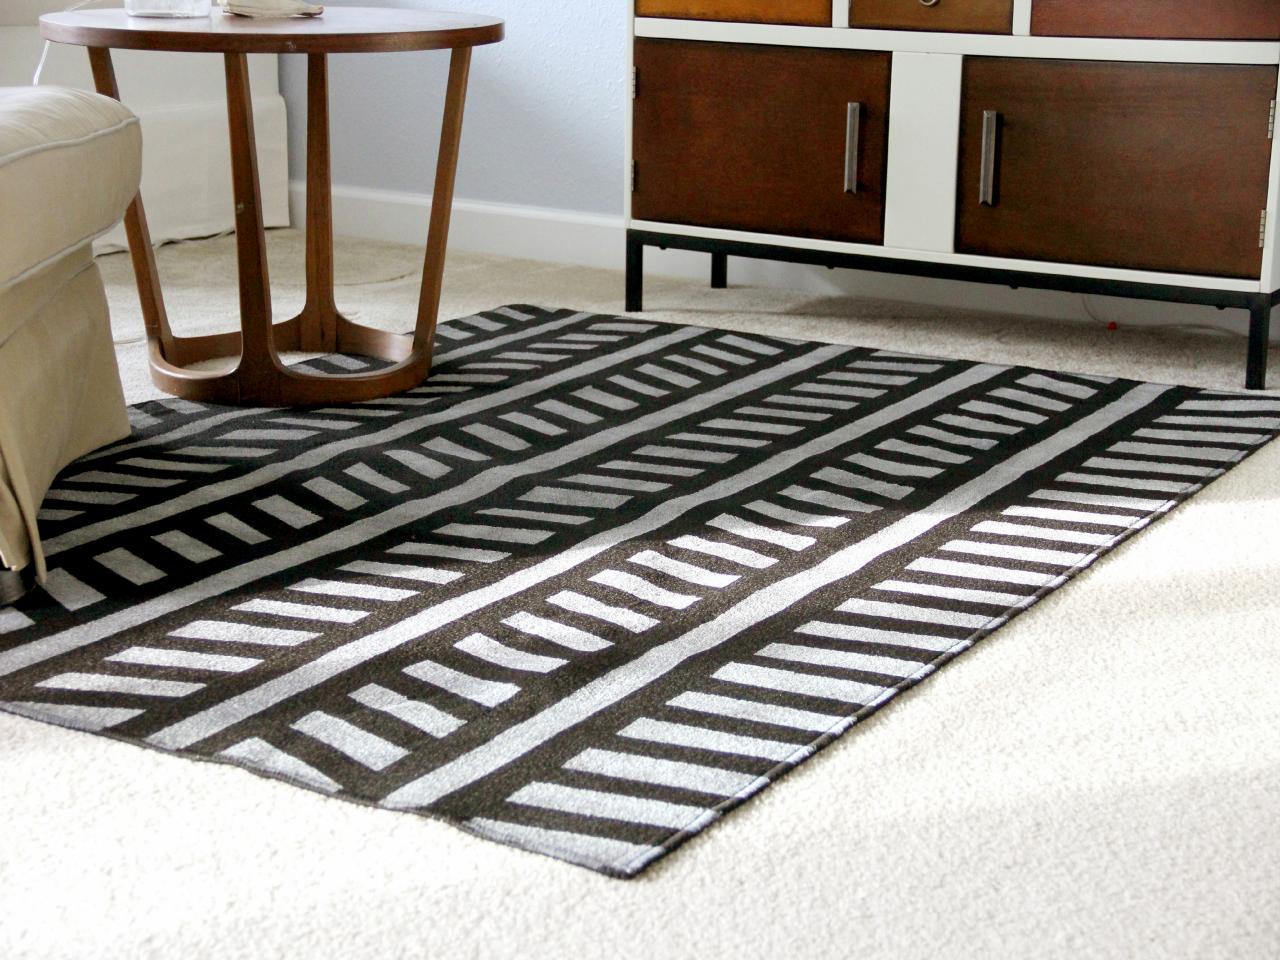 Furnitur Berbahan Kain (Karpet) - sumber: www.diynetwork.com